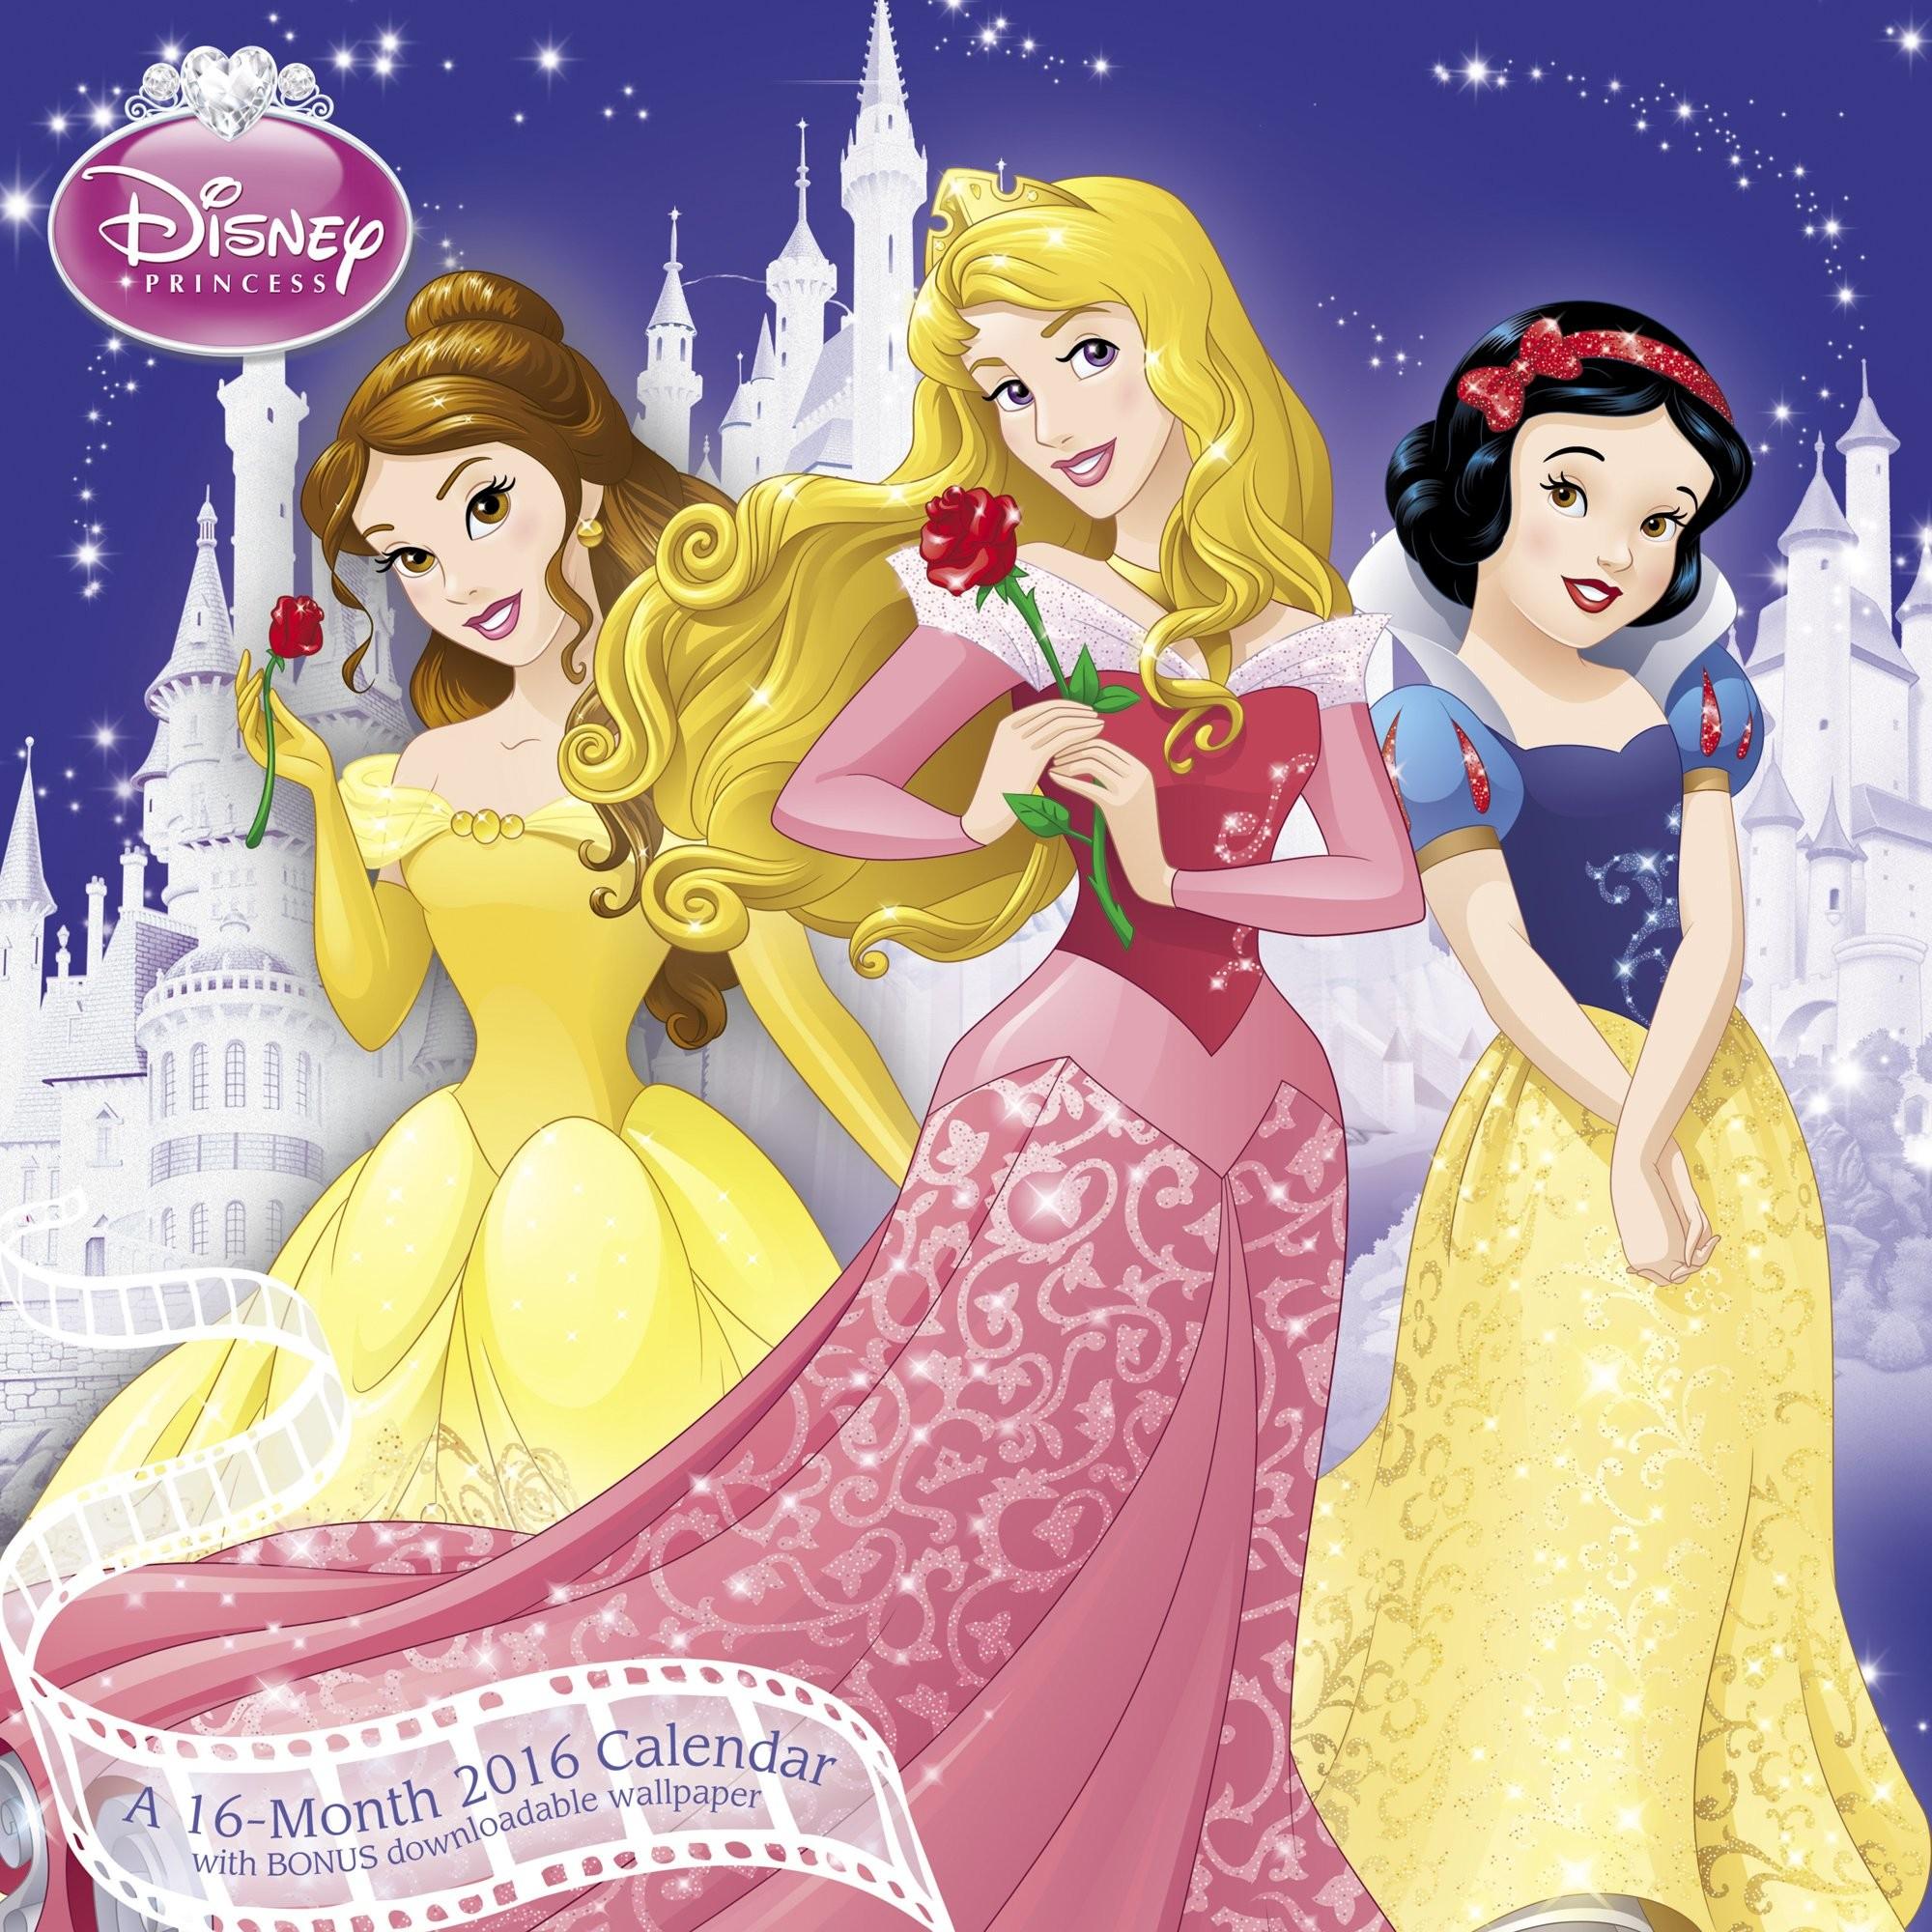 Disney Princess Wall Calendar (2016): Mead: 0038576364769: Amazon.com: Books